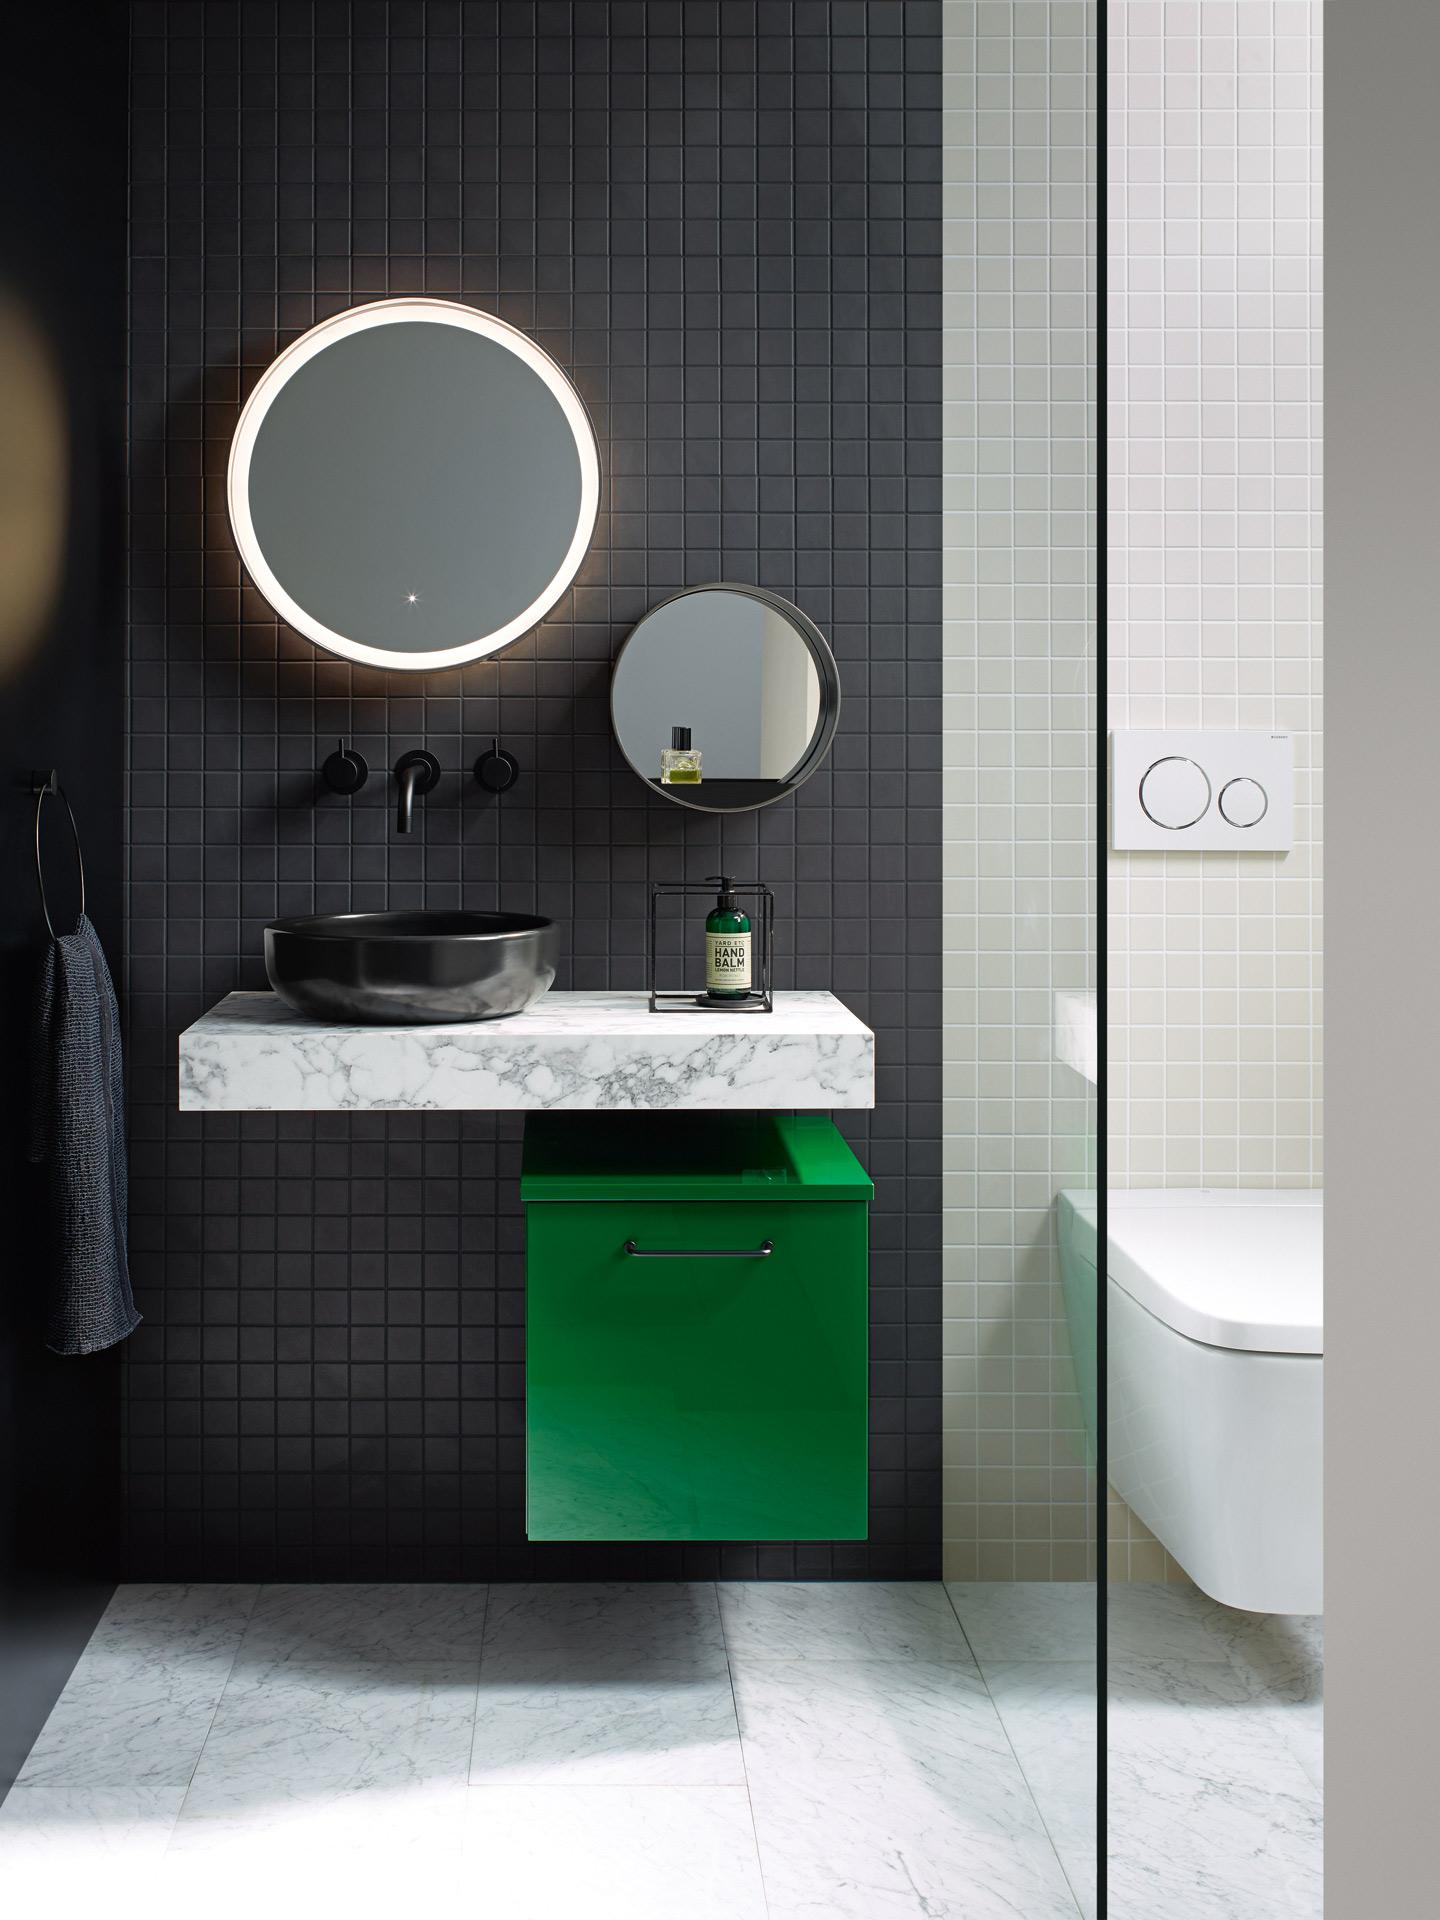 burgbad hat sein markenprogramm sys30 um neue und teils knallige farben erg nzt f r mehr. Black Bedroom Furniture Sets. Home Design Ideas